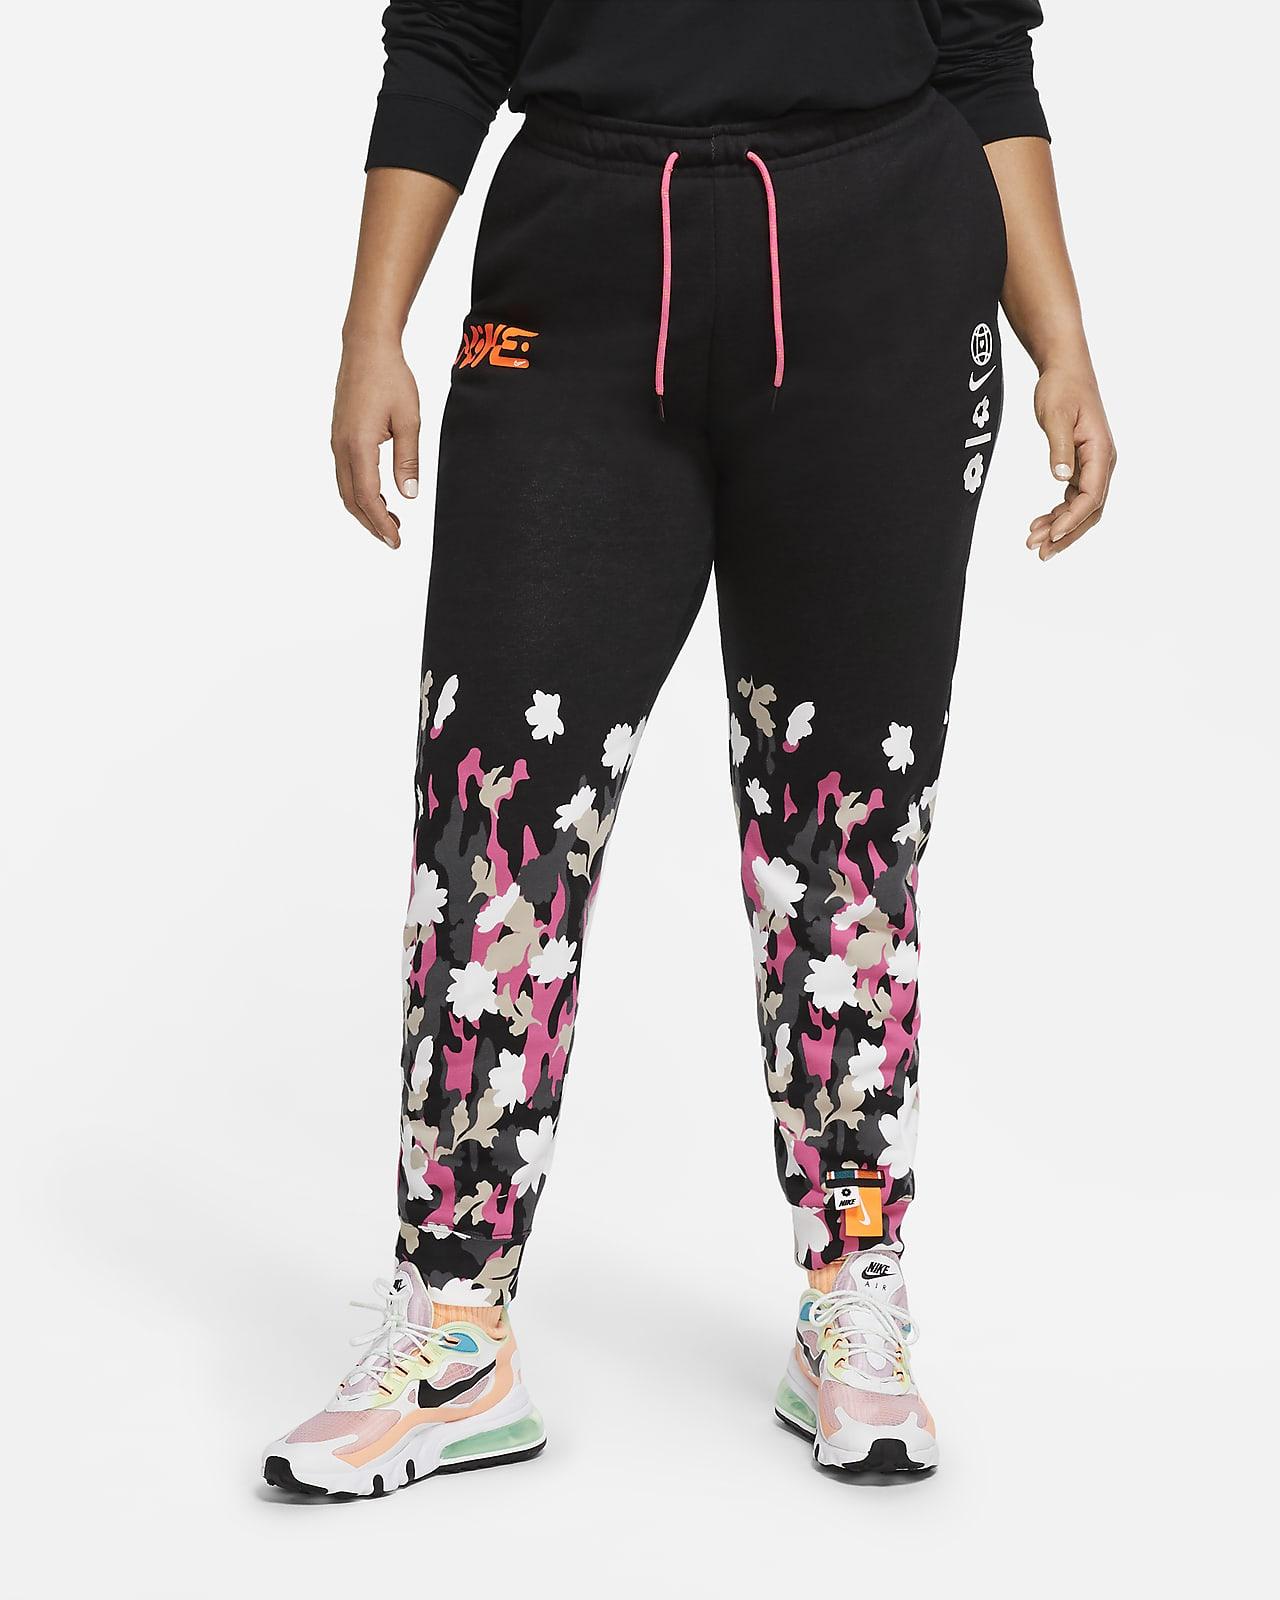 Nike Sportswear Essential Women's Pants (Plus Size)